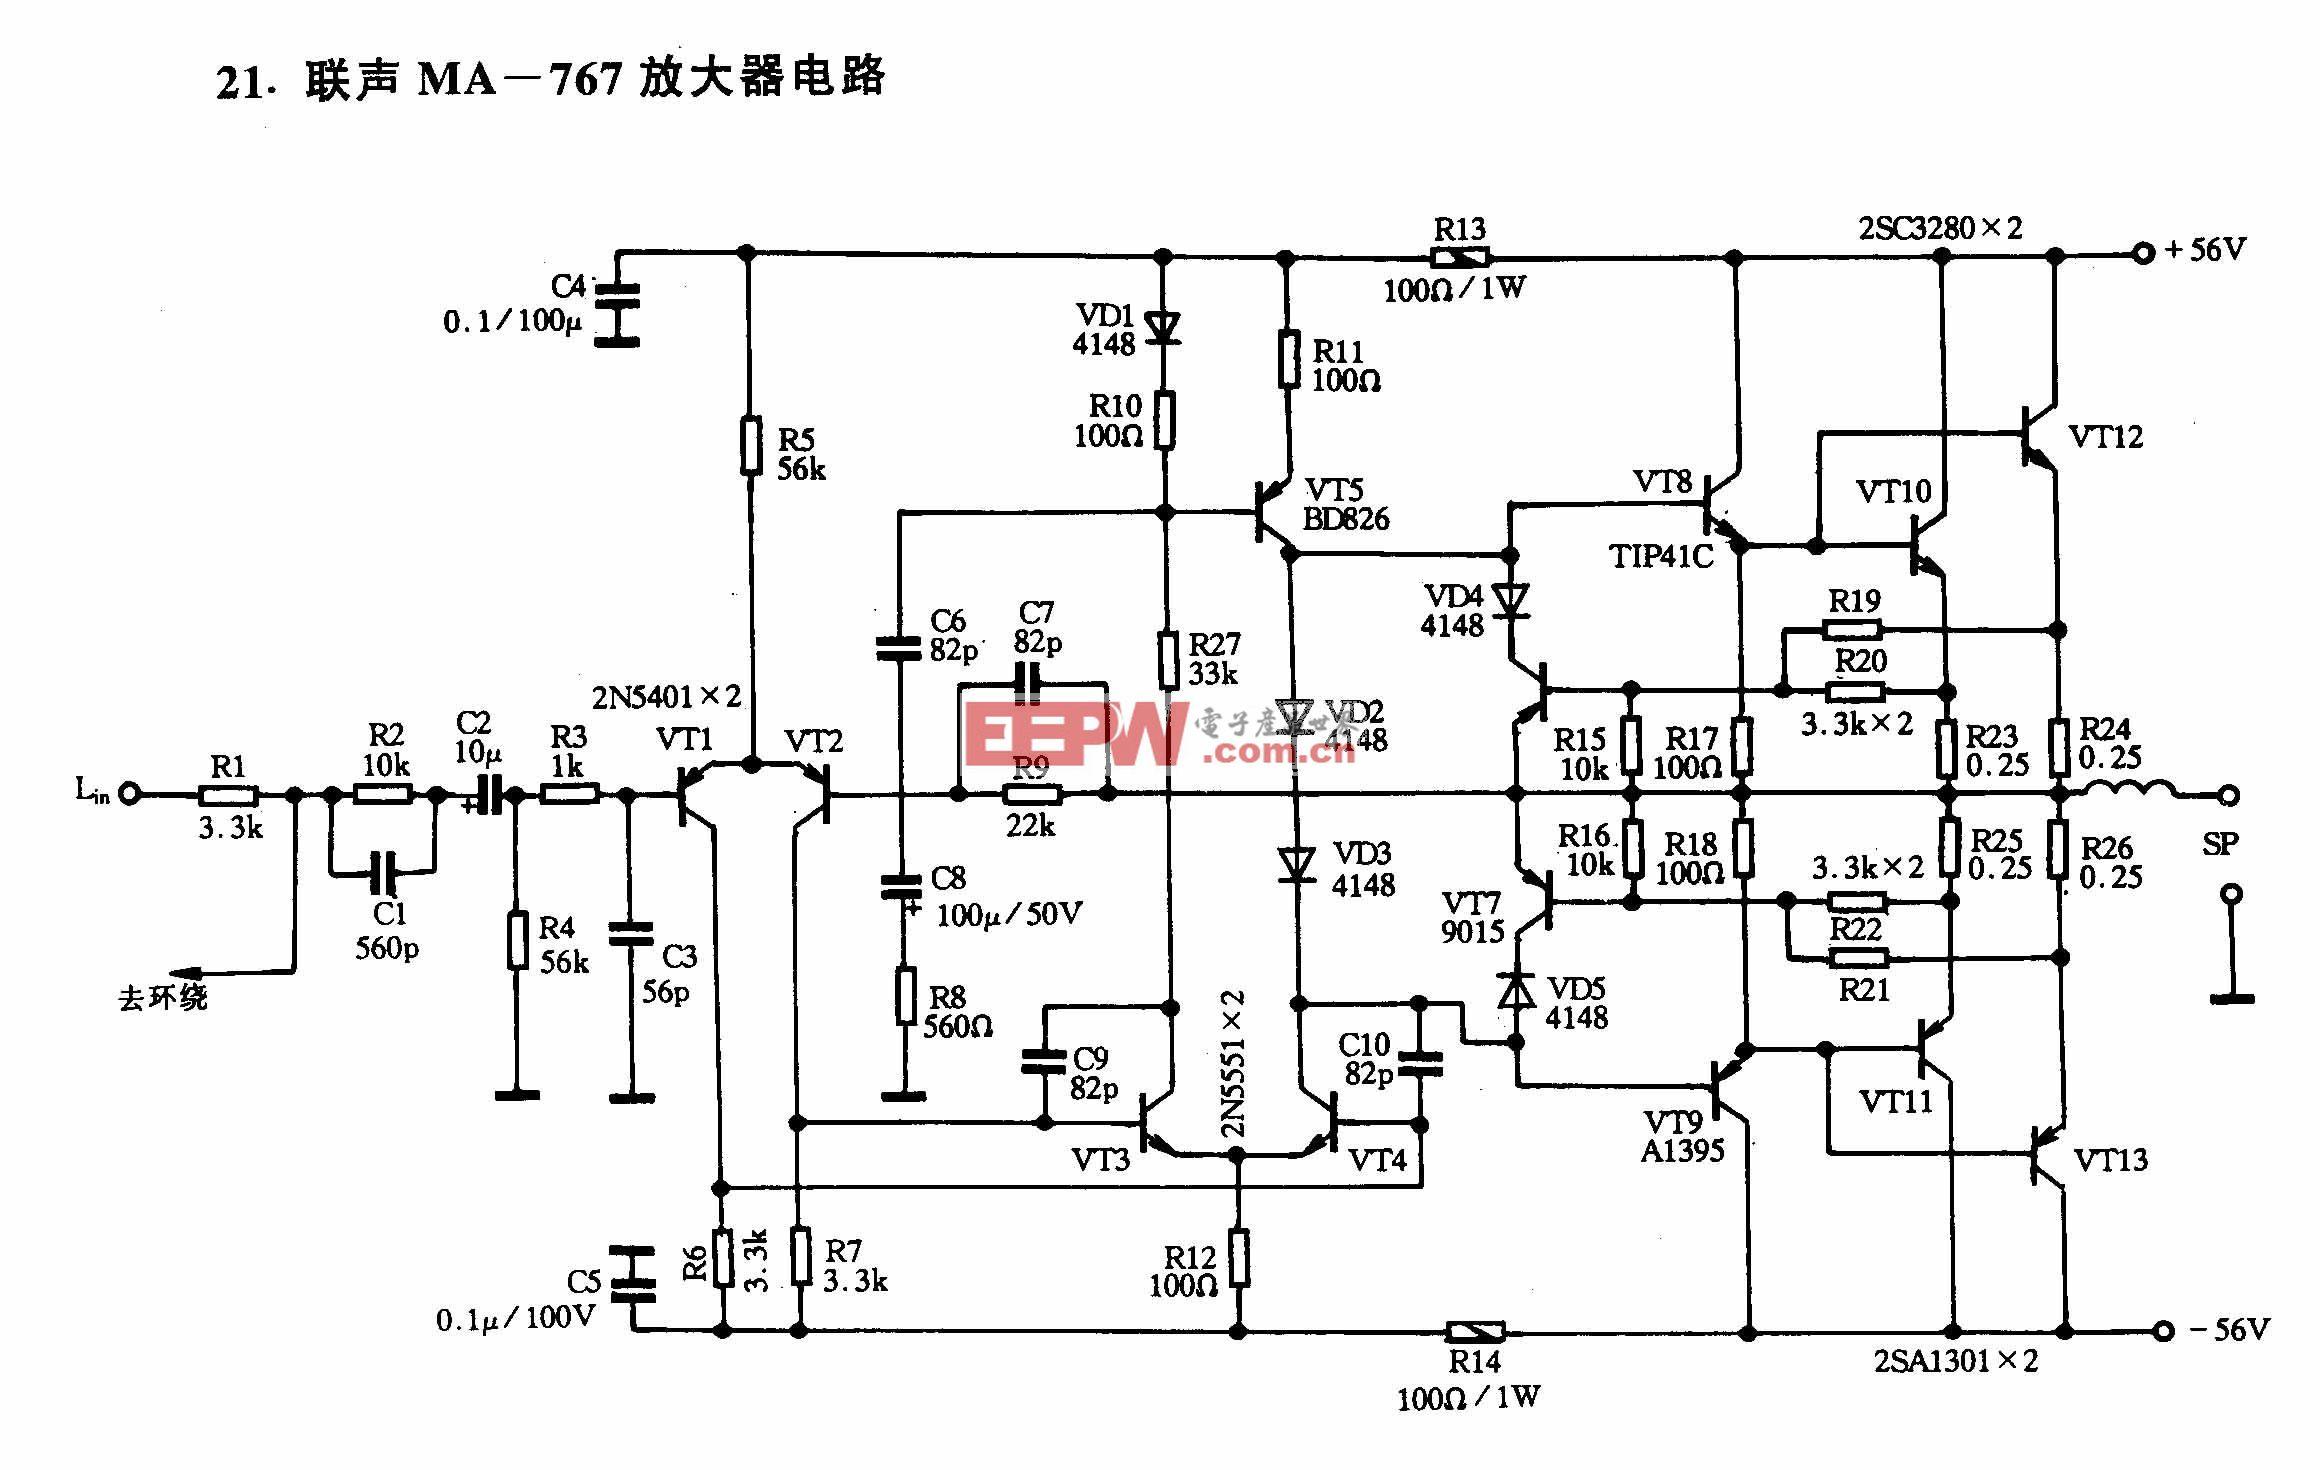 联声ma 767放大器电路 电路图 电子产品世界 高清图片